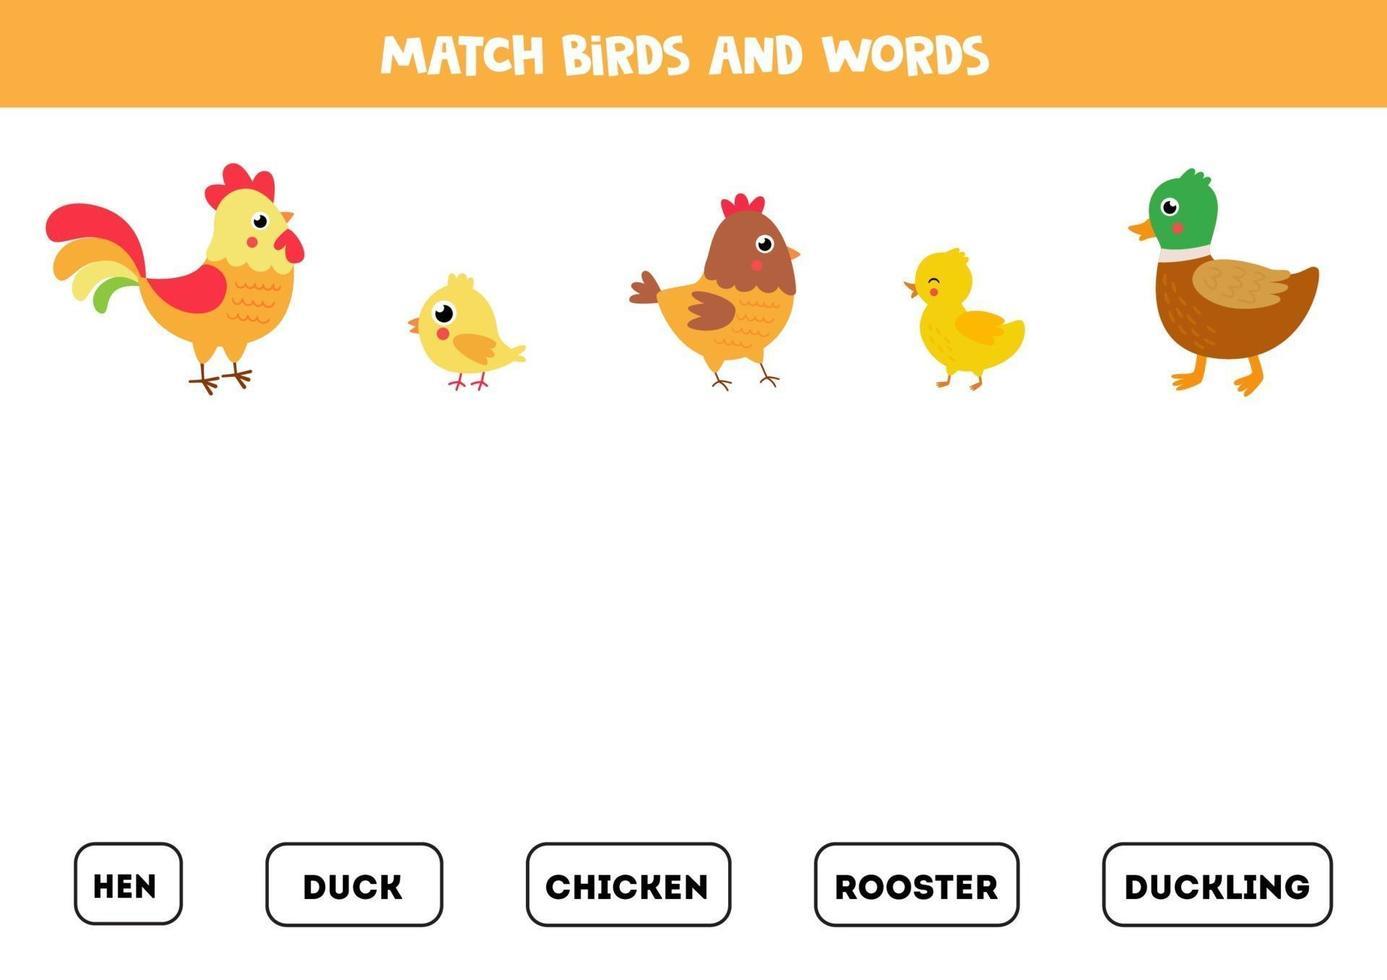 bijpassende woordenspel met schattige boerderijdieren. vector